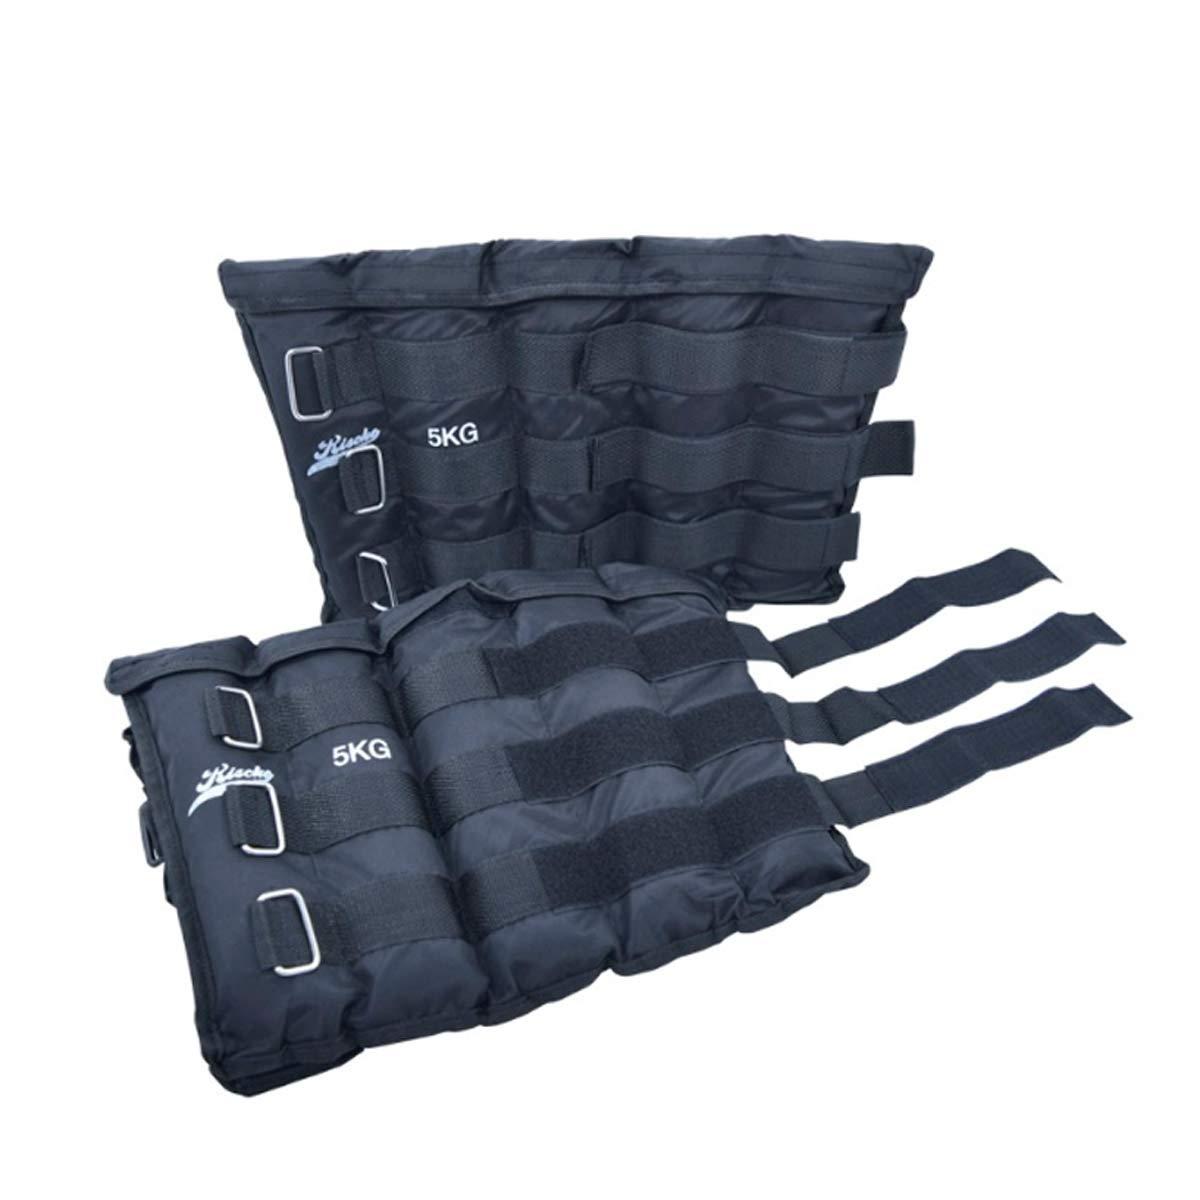 Riscko Pareja de Pesas para Tobillos lastres para muñecas de Fitness Ajustables con Cierre de Velcro Diferentes Pesos Grupo K-2